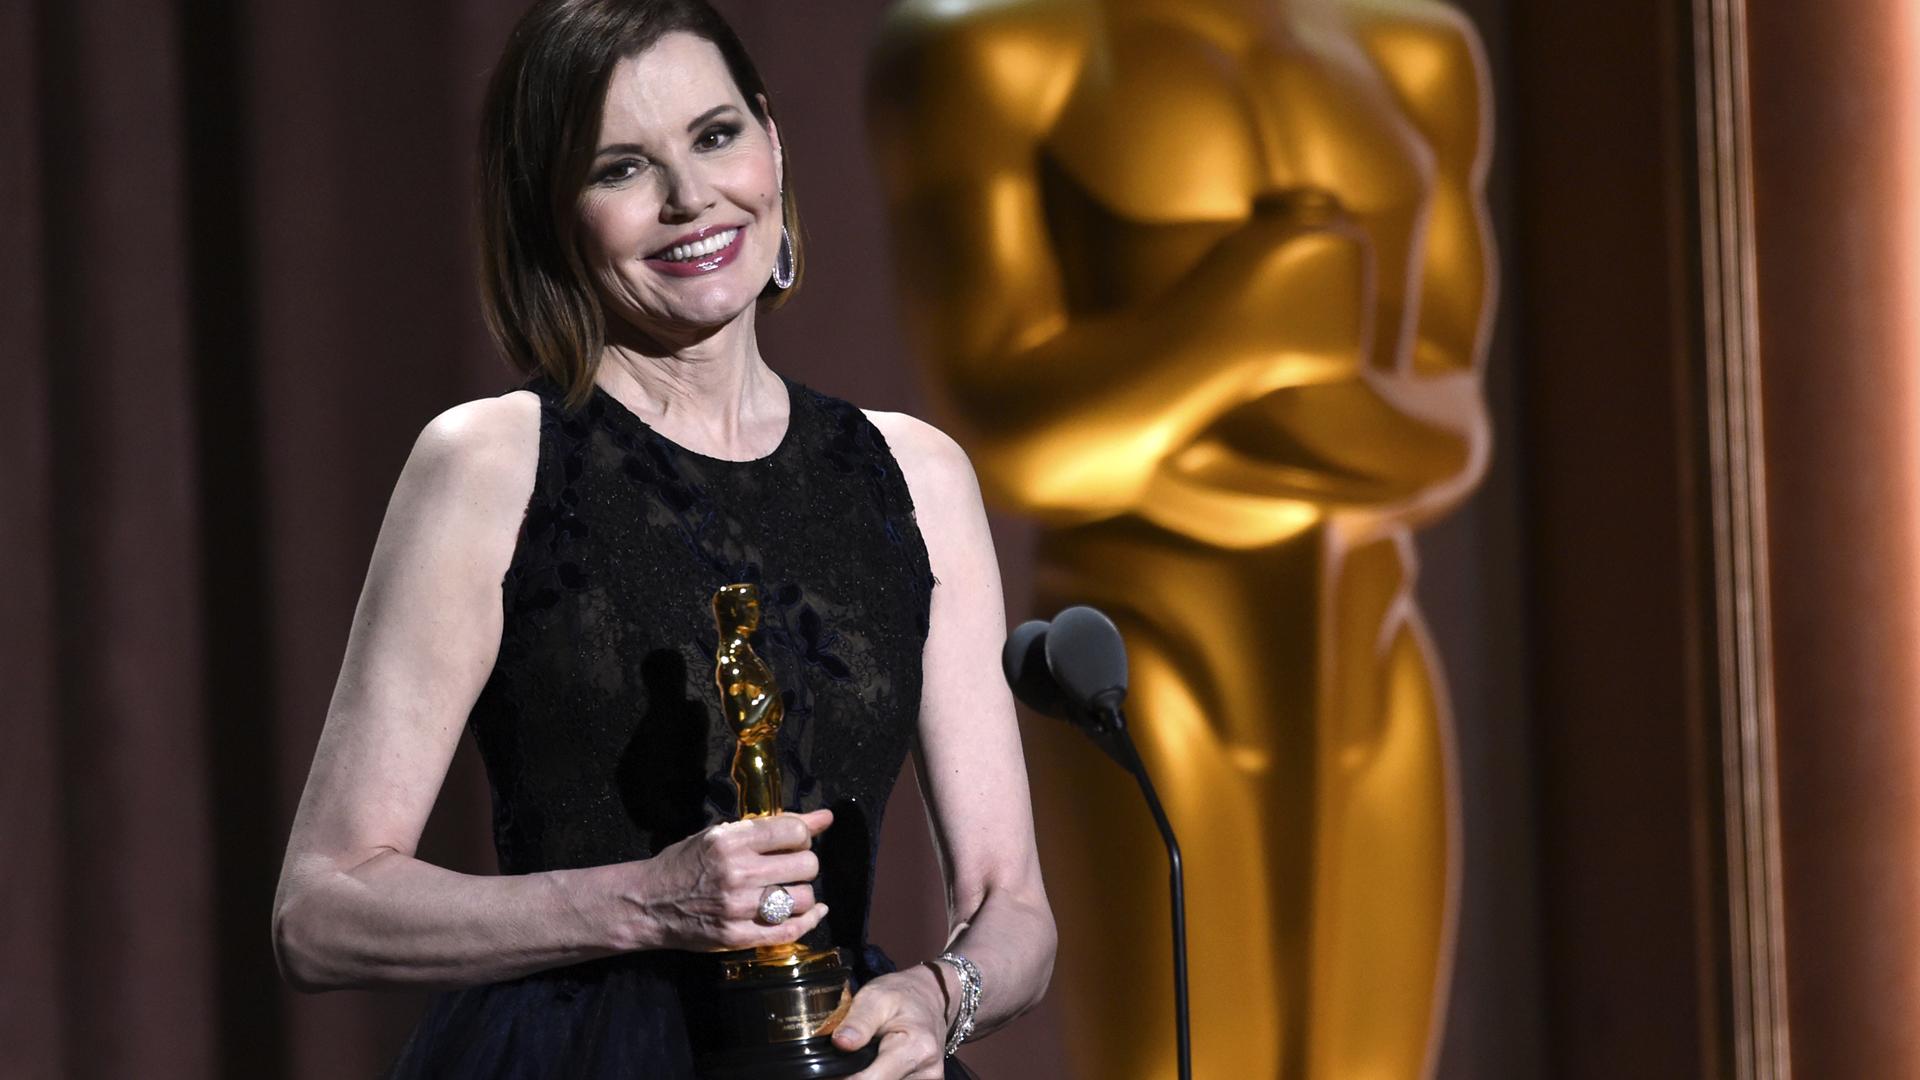 Honran a cuatro artistas con el Oscar en una ceremonia especial